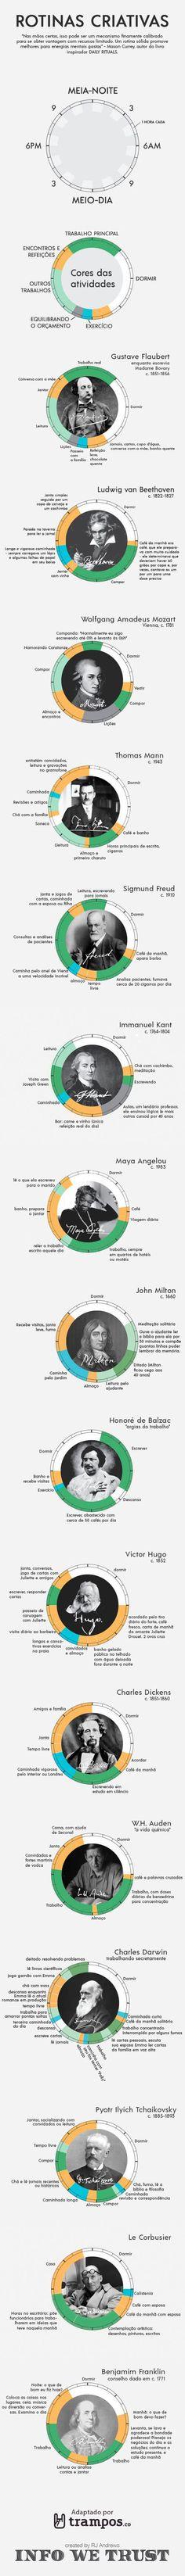 Infográfico: a rotina dos criativos mais famosos | tutano